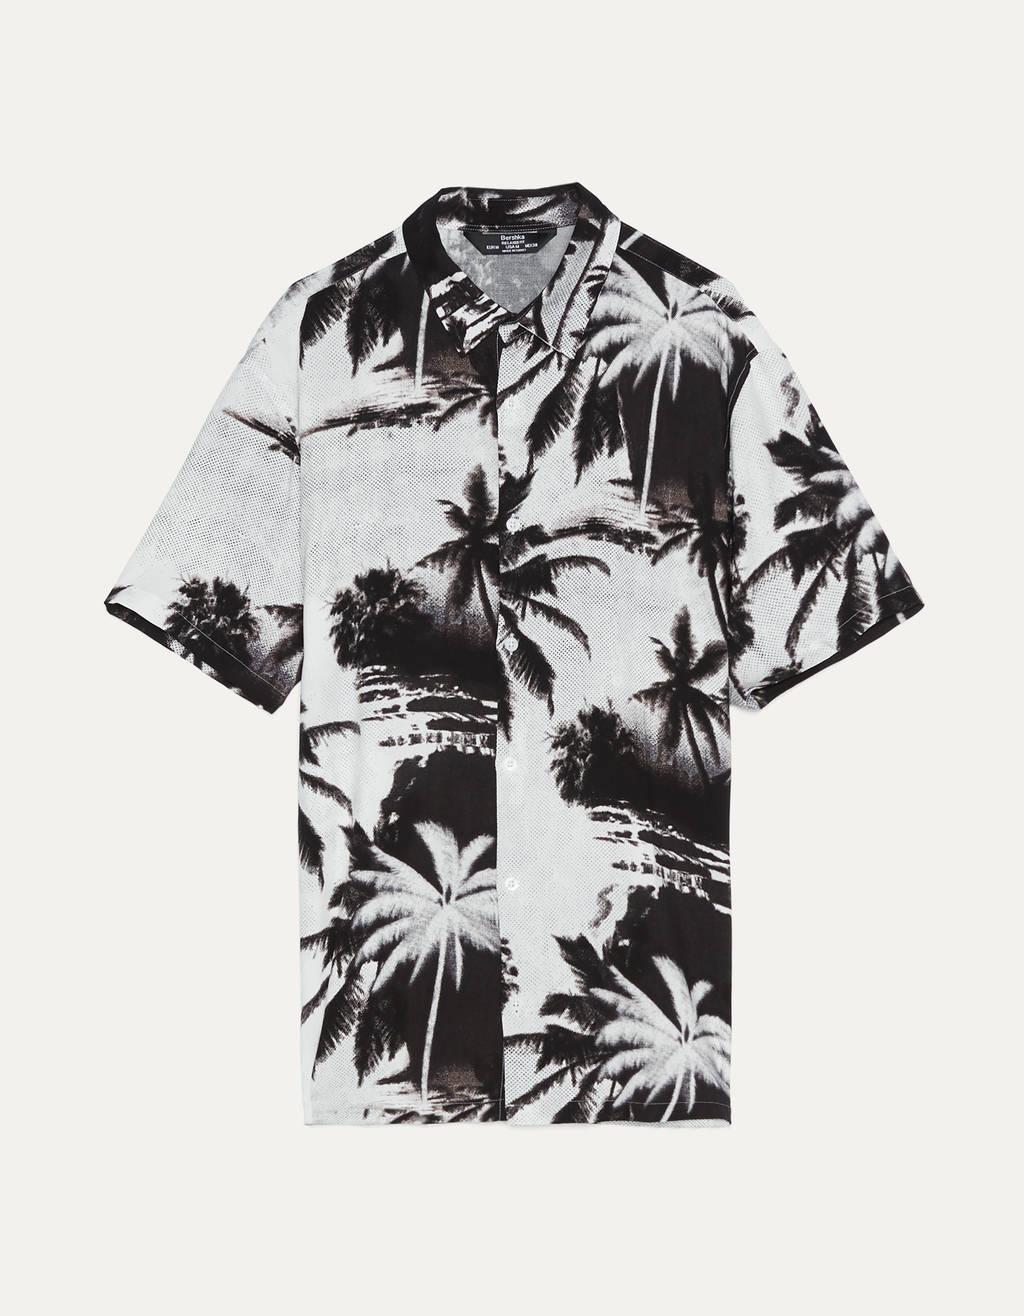 Camisa con estampado tropical.